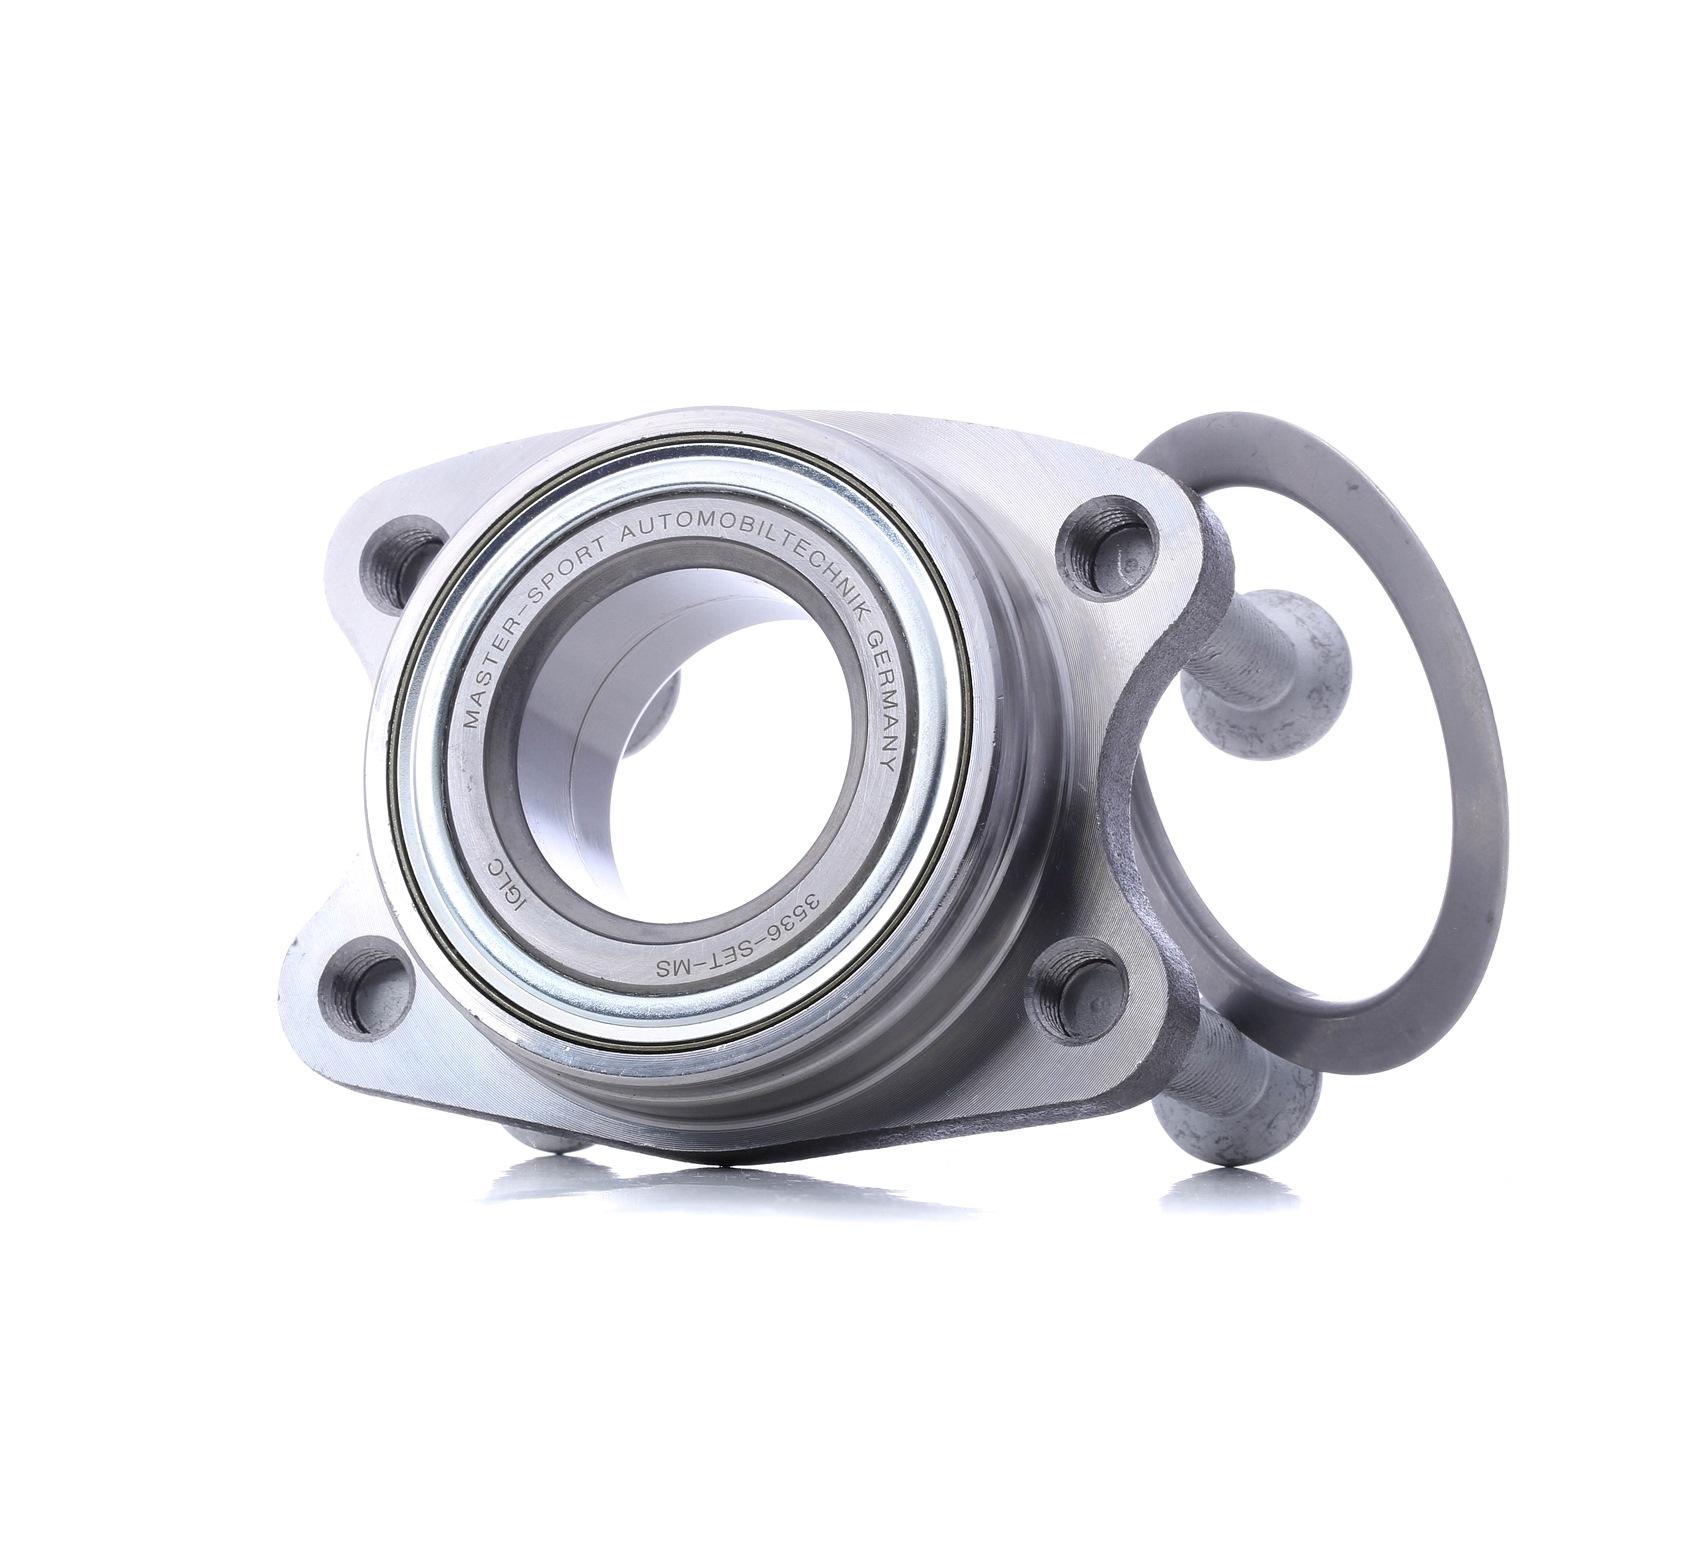 Wheel Bearing MASTER-SPORT 3536-SET-MS rating